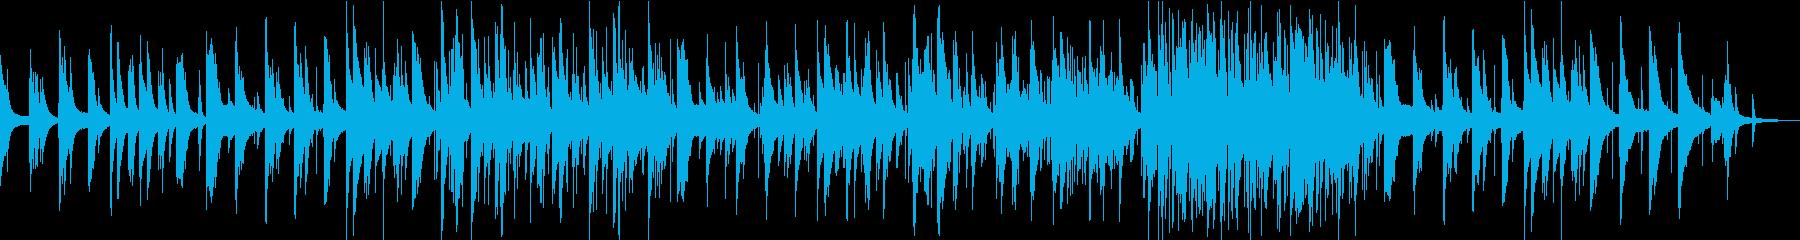 ピアノトリオの美しいジャズバラードの再生済みの波形